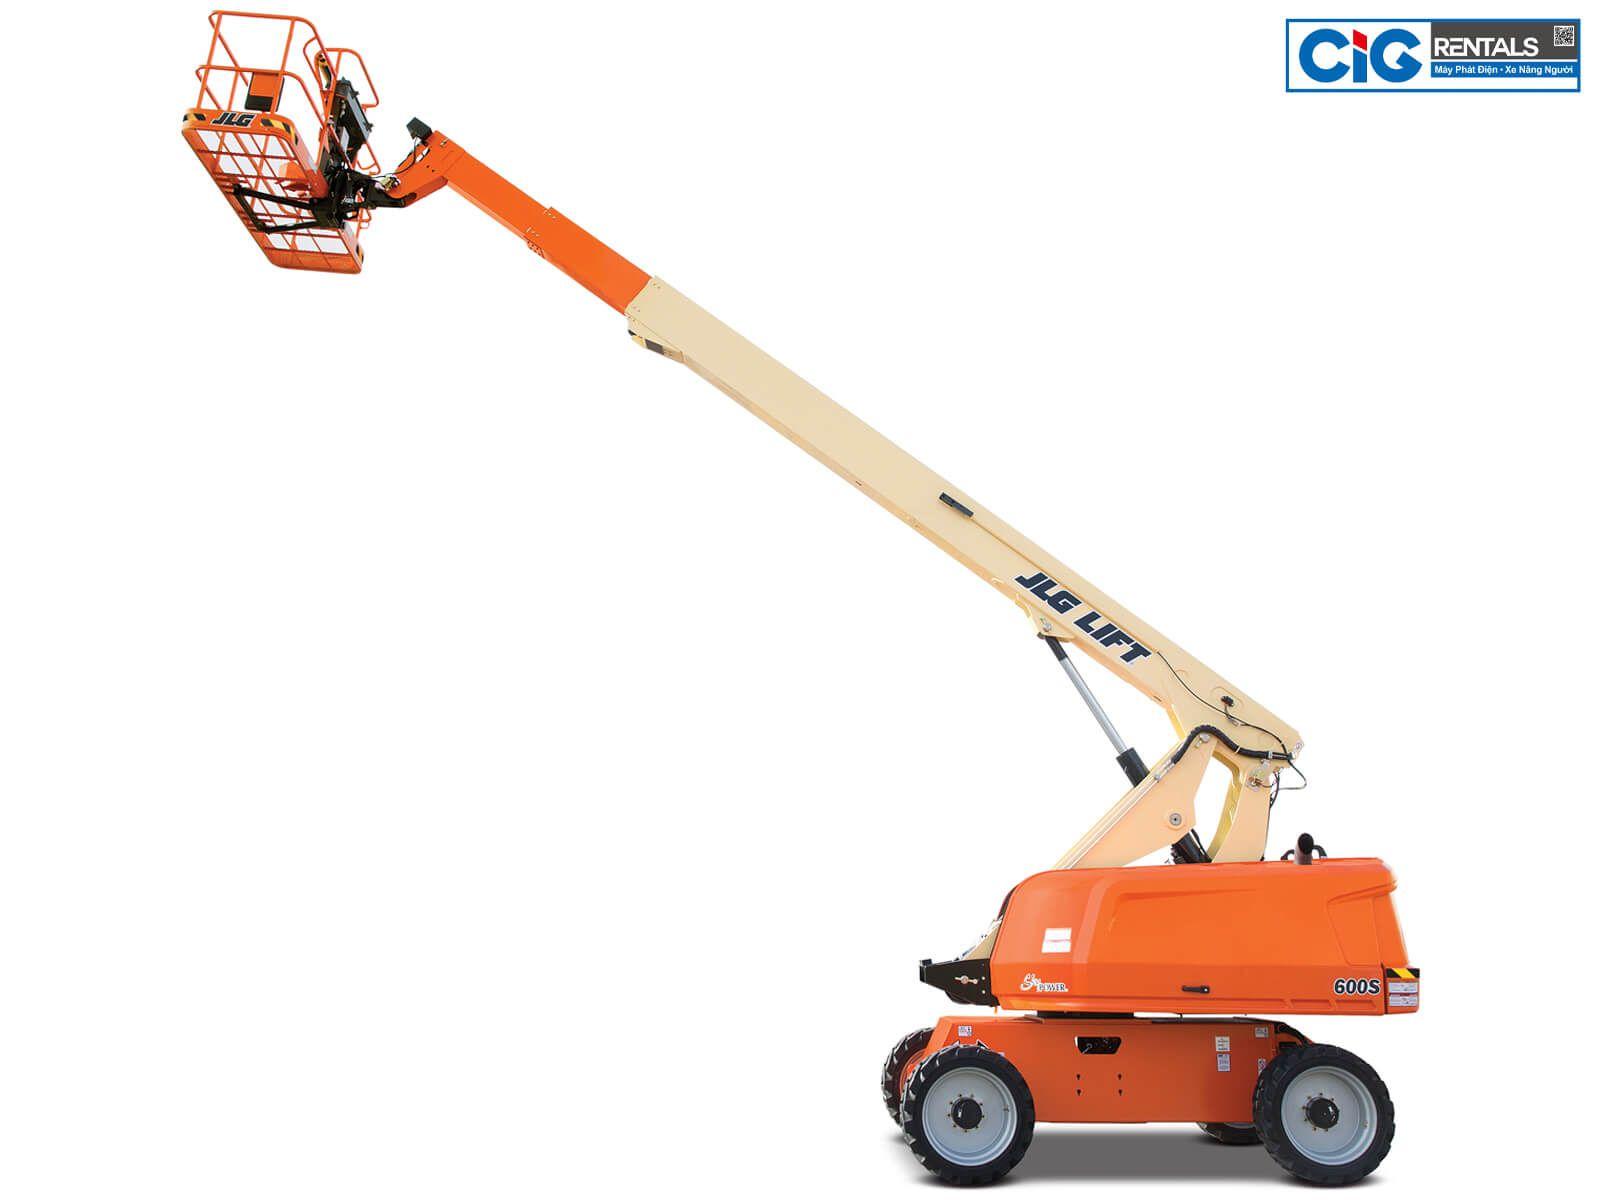 Thang nâng người 20m JLG 600S